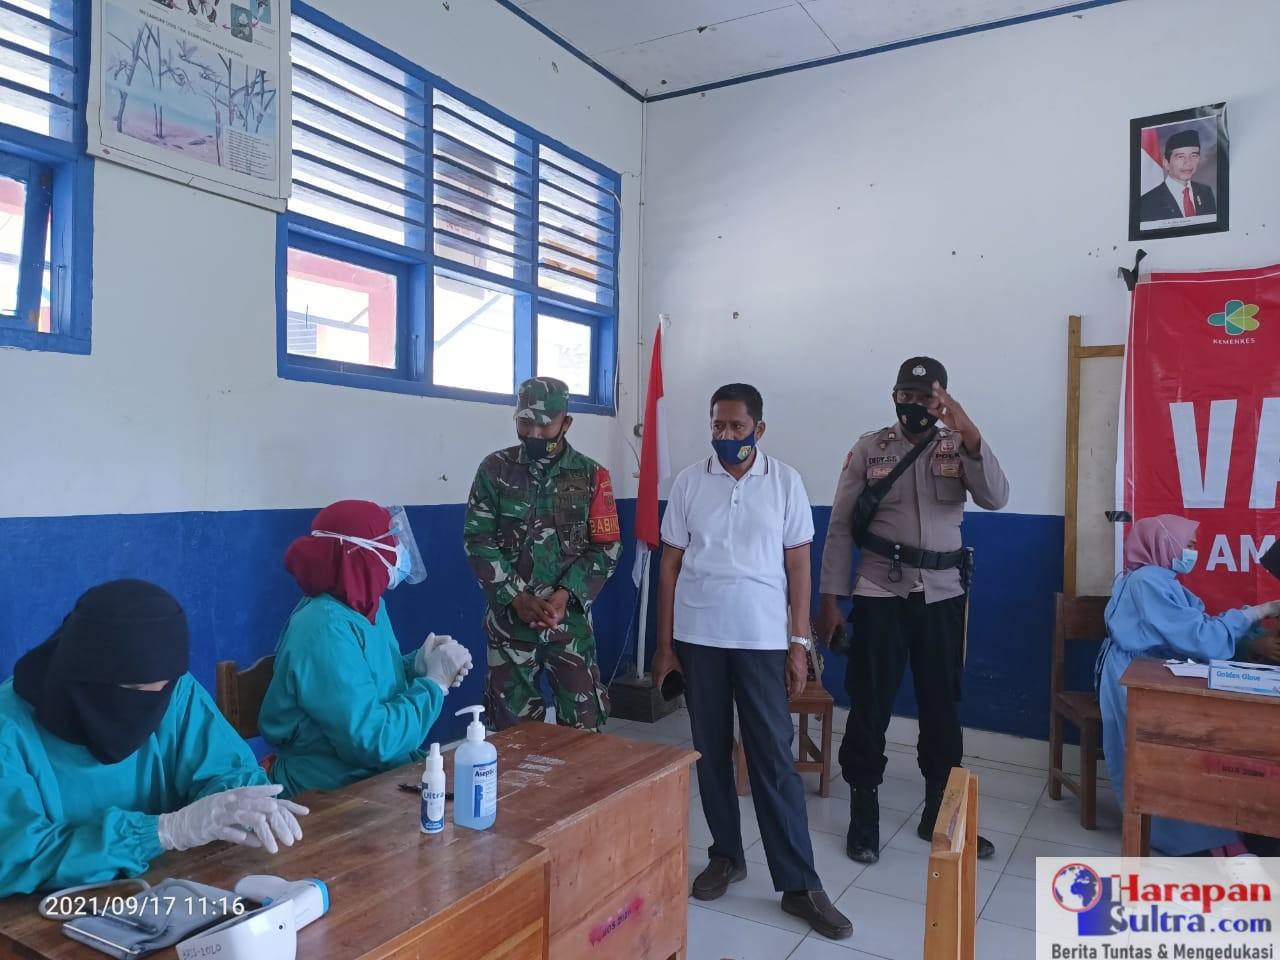 Camat Rarowatu. Zakir, S.Pd (Kemeja Putih) saat memantau pelaksanaan vaksinasi di sekolah